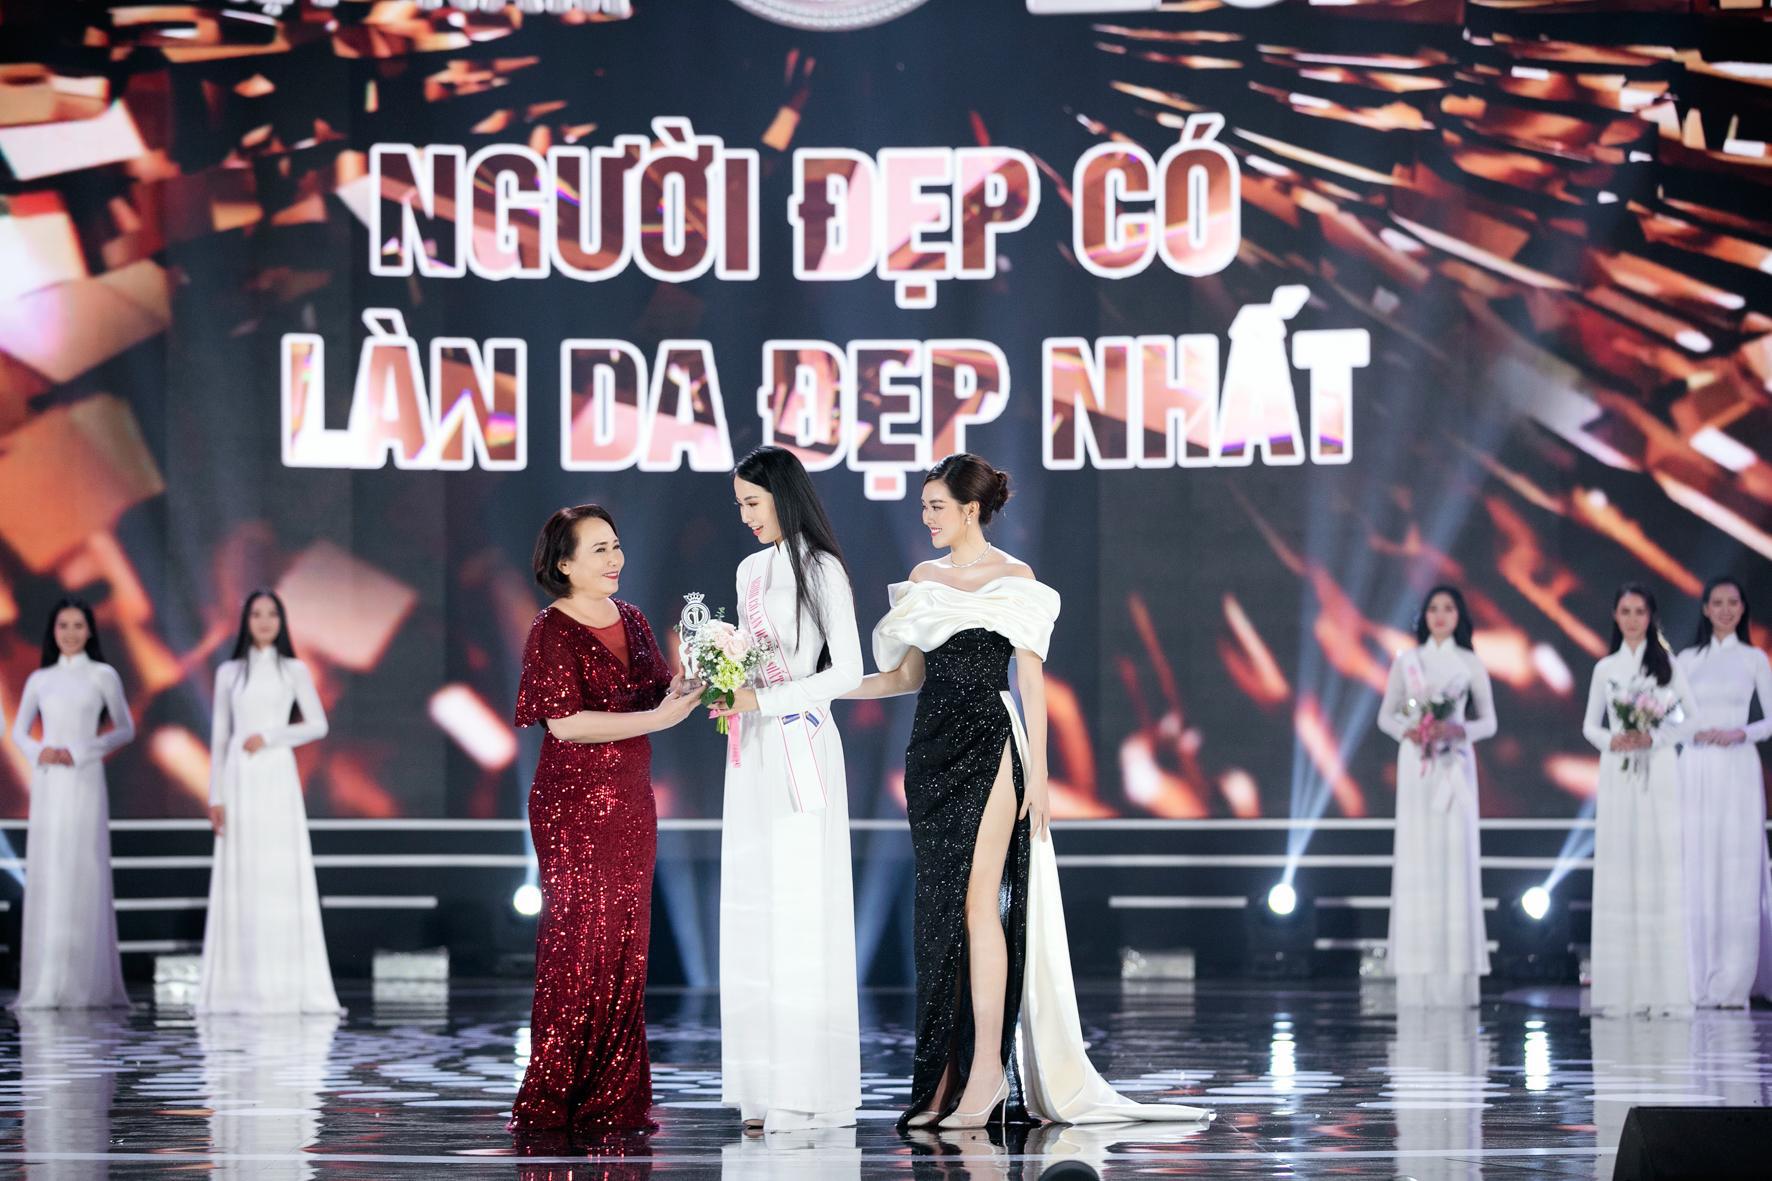 Go Spring đồng hành cùng Hoa hậu Việt Nam 2020 tại đêm Chung kết - Đêm bùng nổ của thập kỷ hương sắc mới - Ảnh 1.